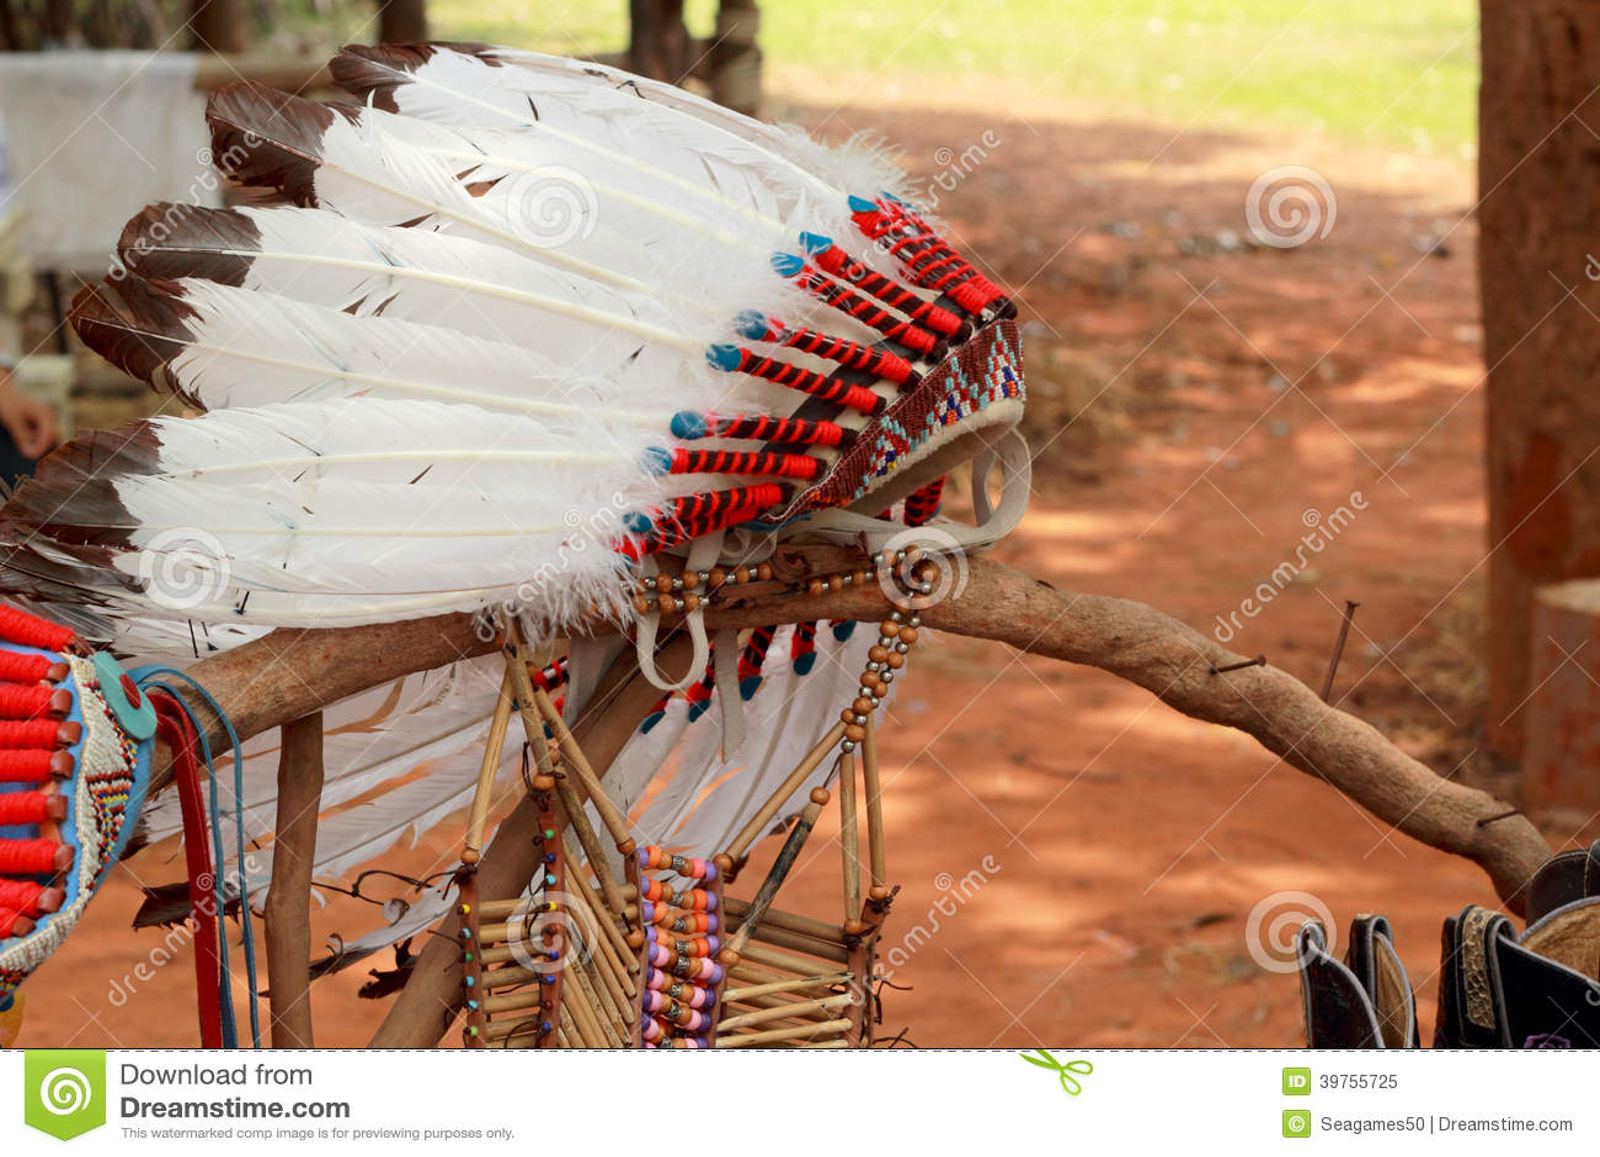 Copricapo del capo indiano del nativo americano fotografia - Fogli da colorare nativo americano ...